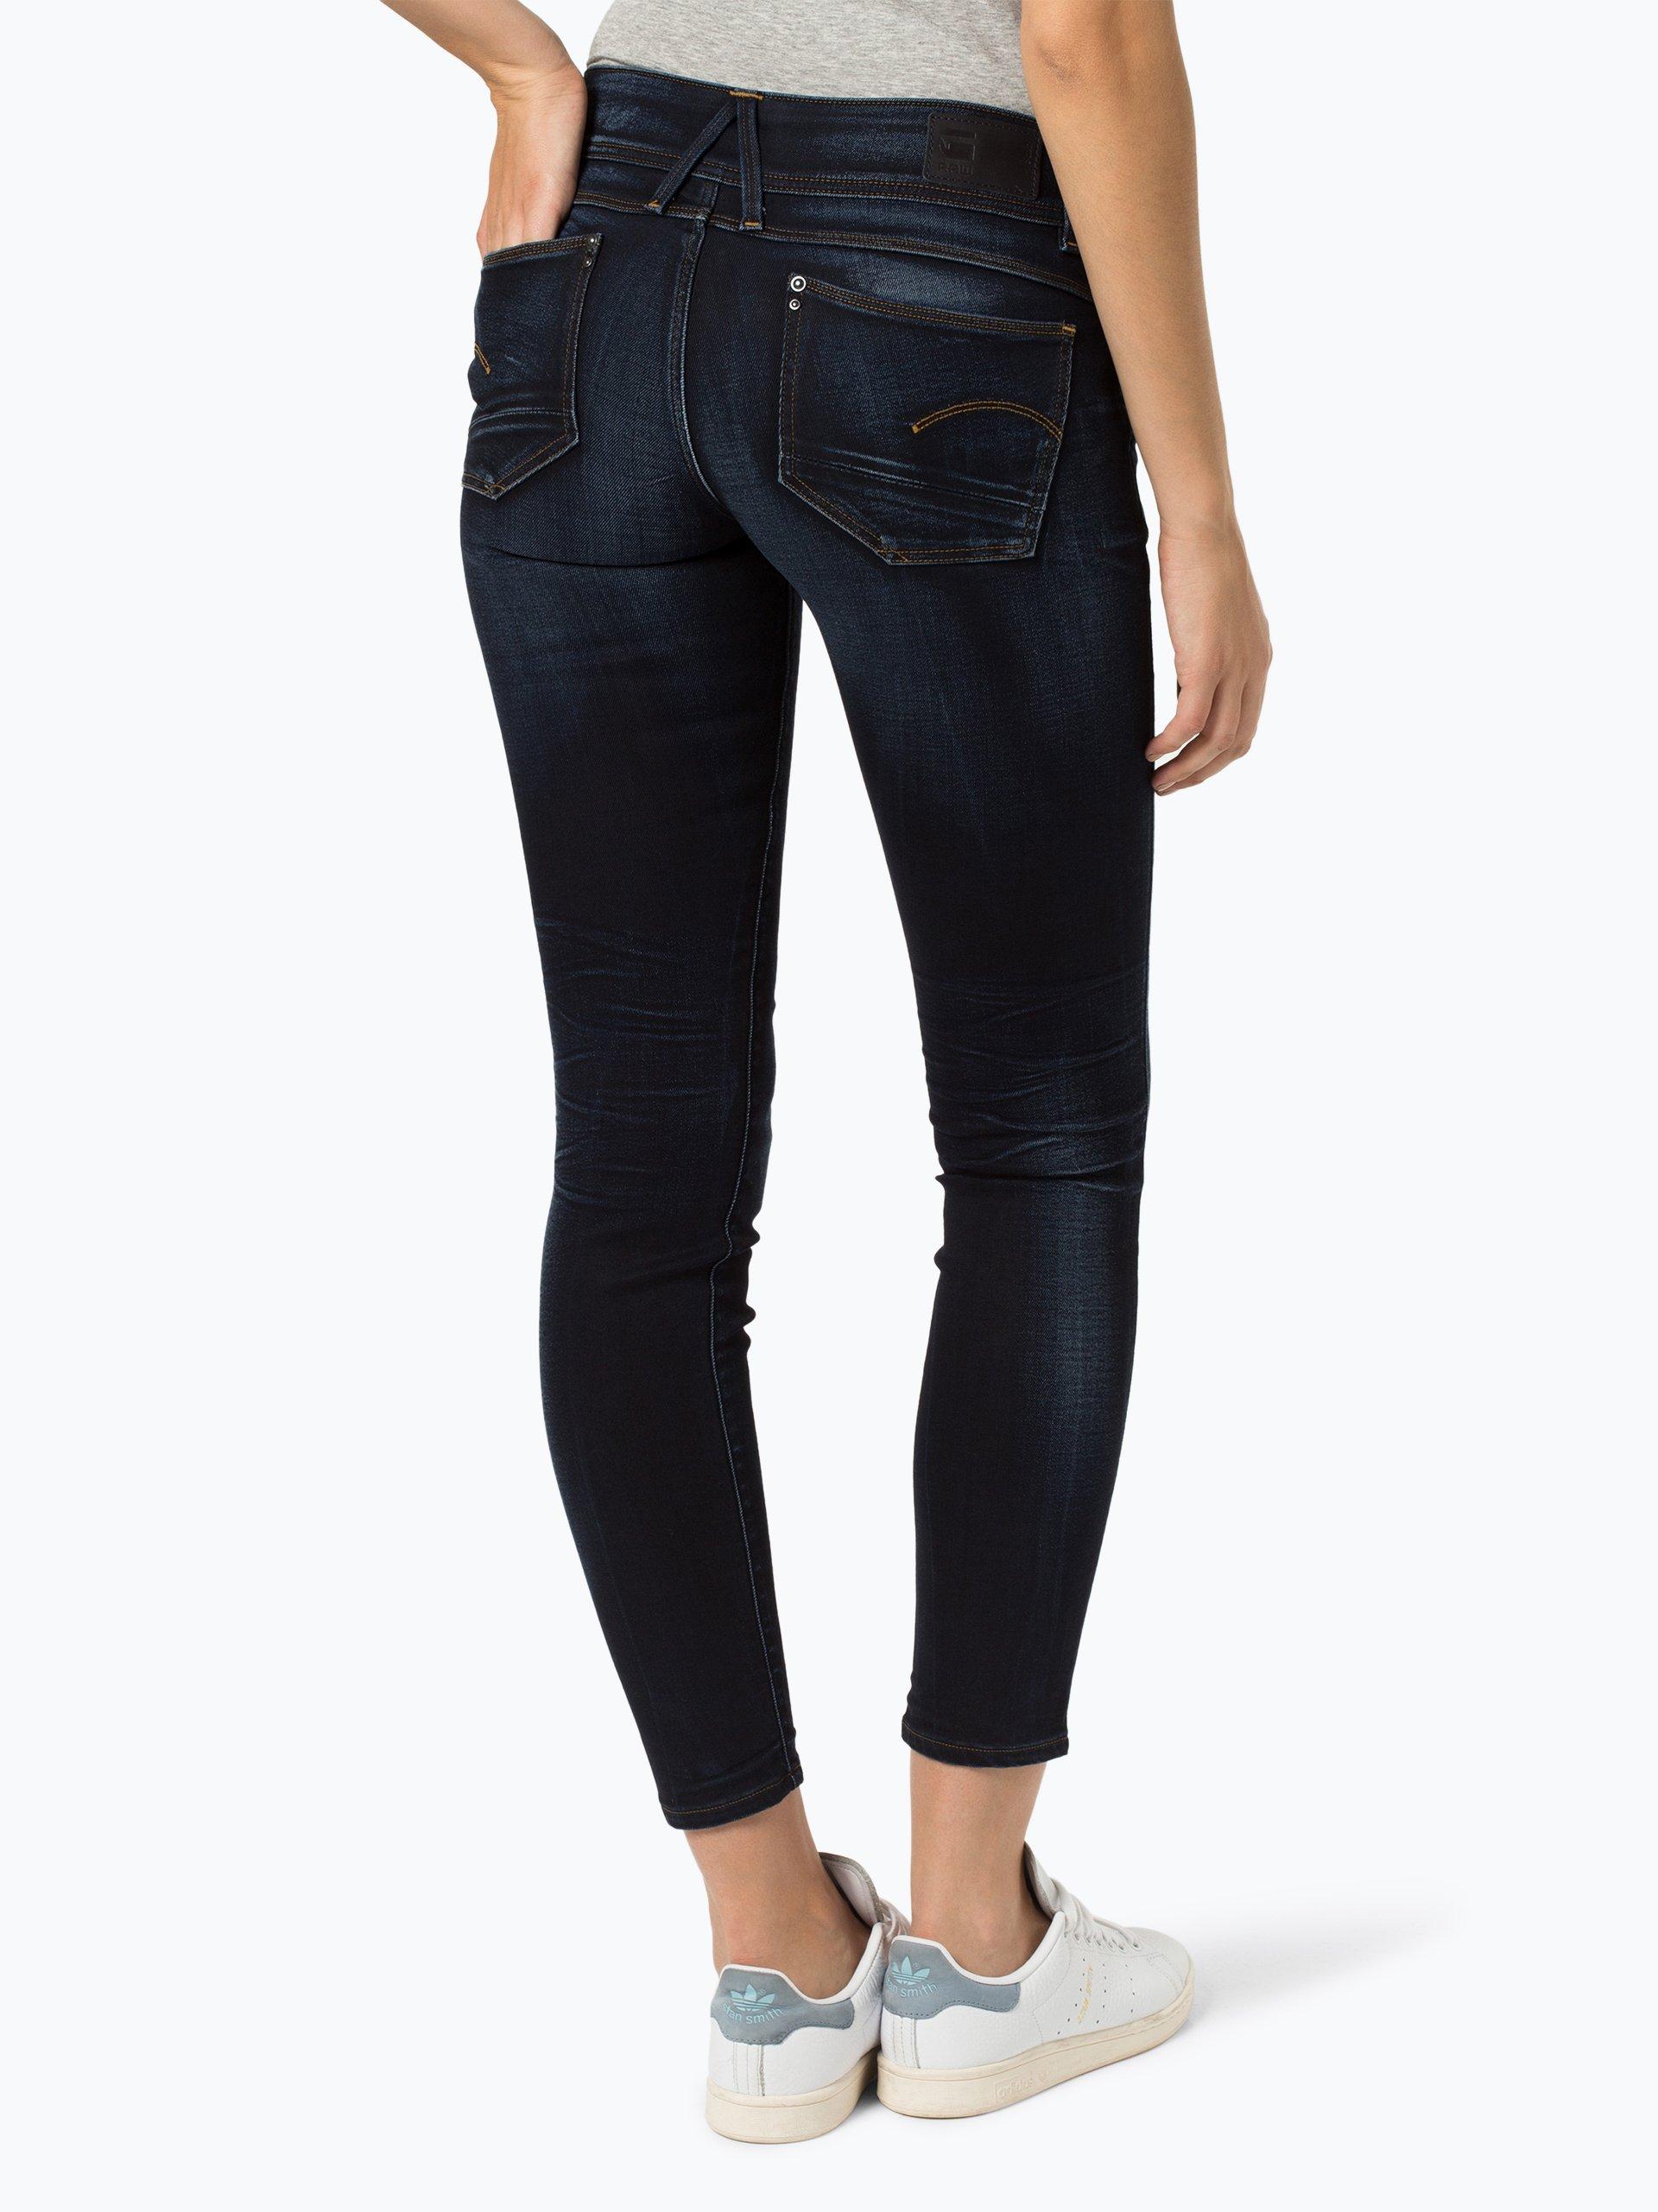 G-Star RAW Damen Jeans - Lynn